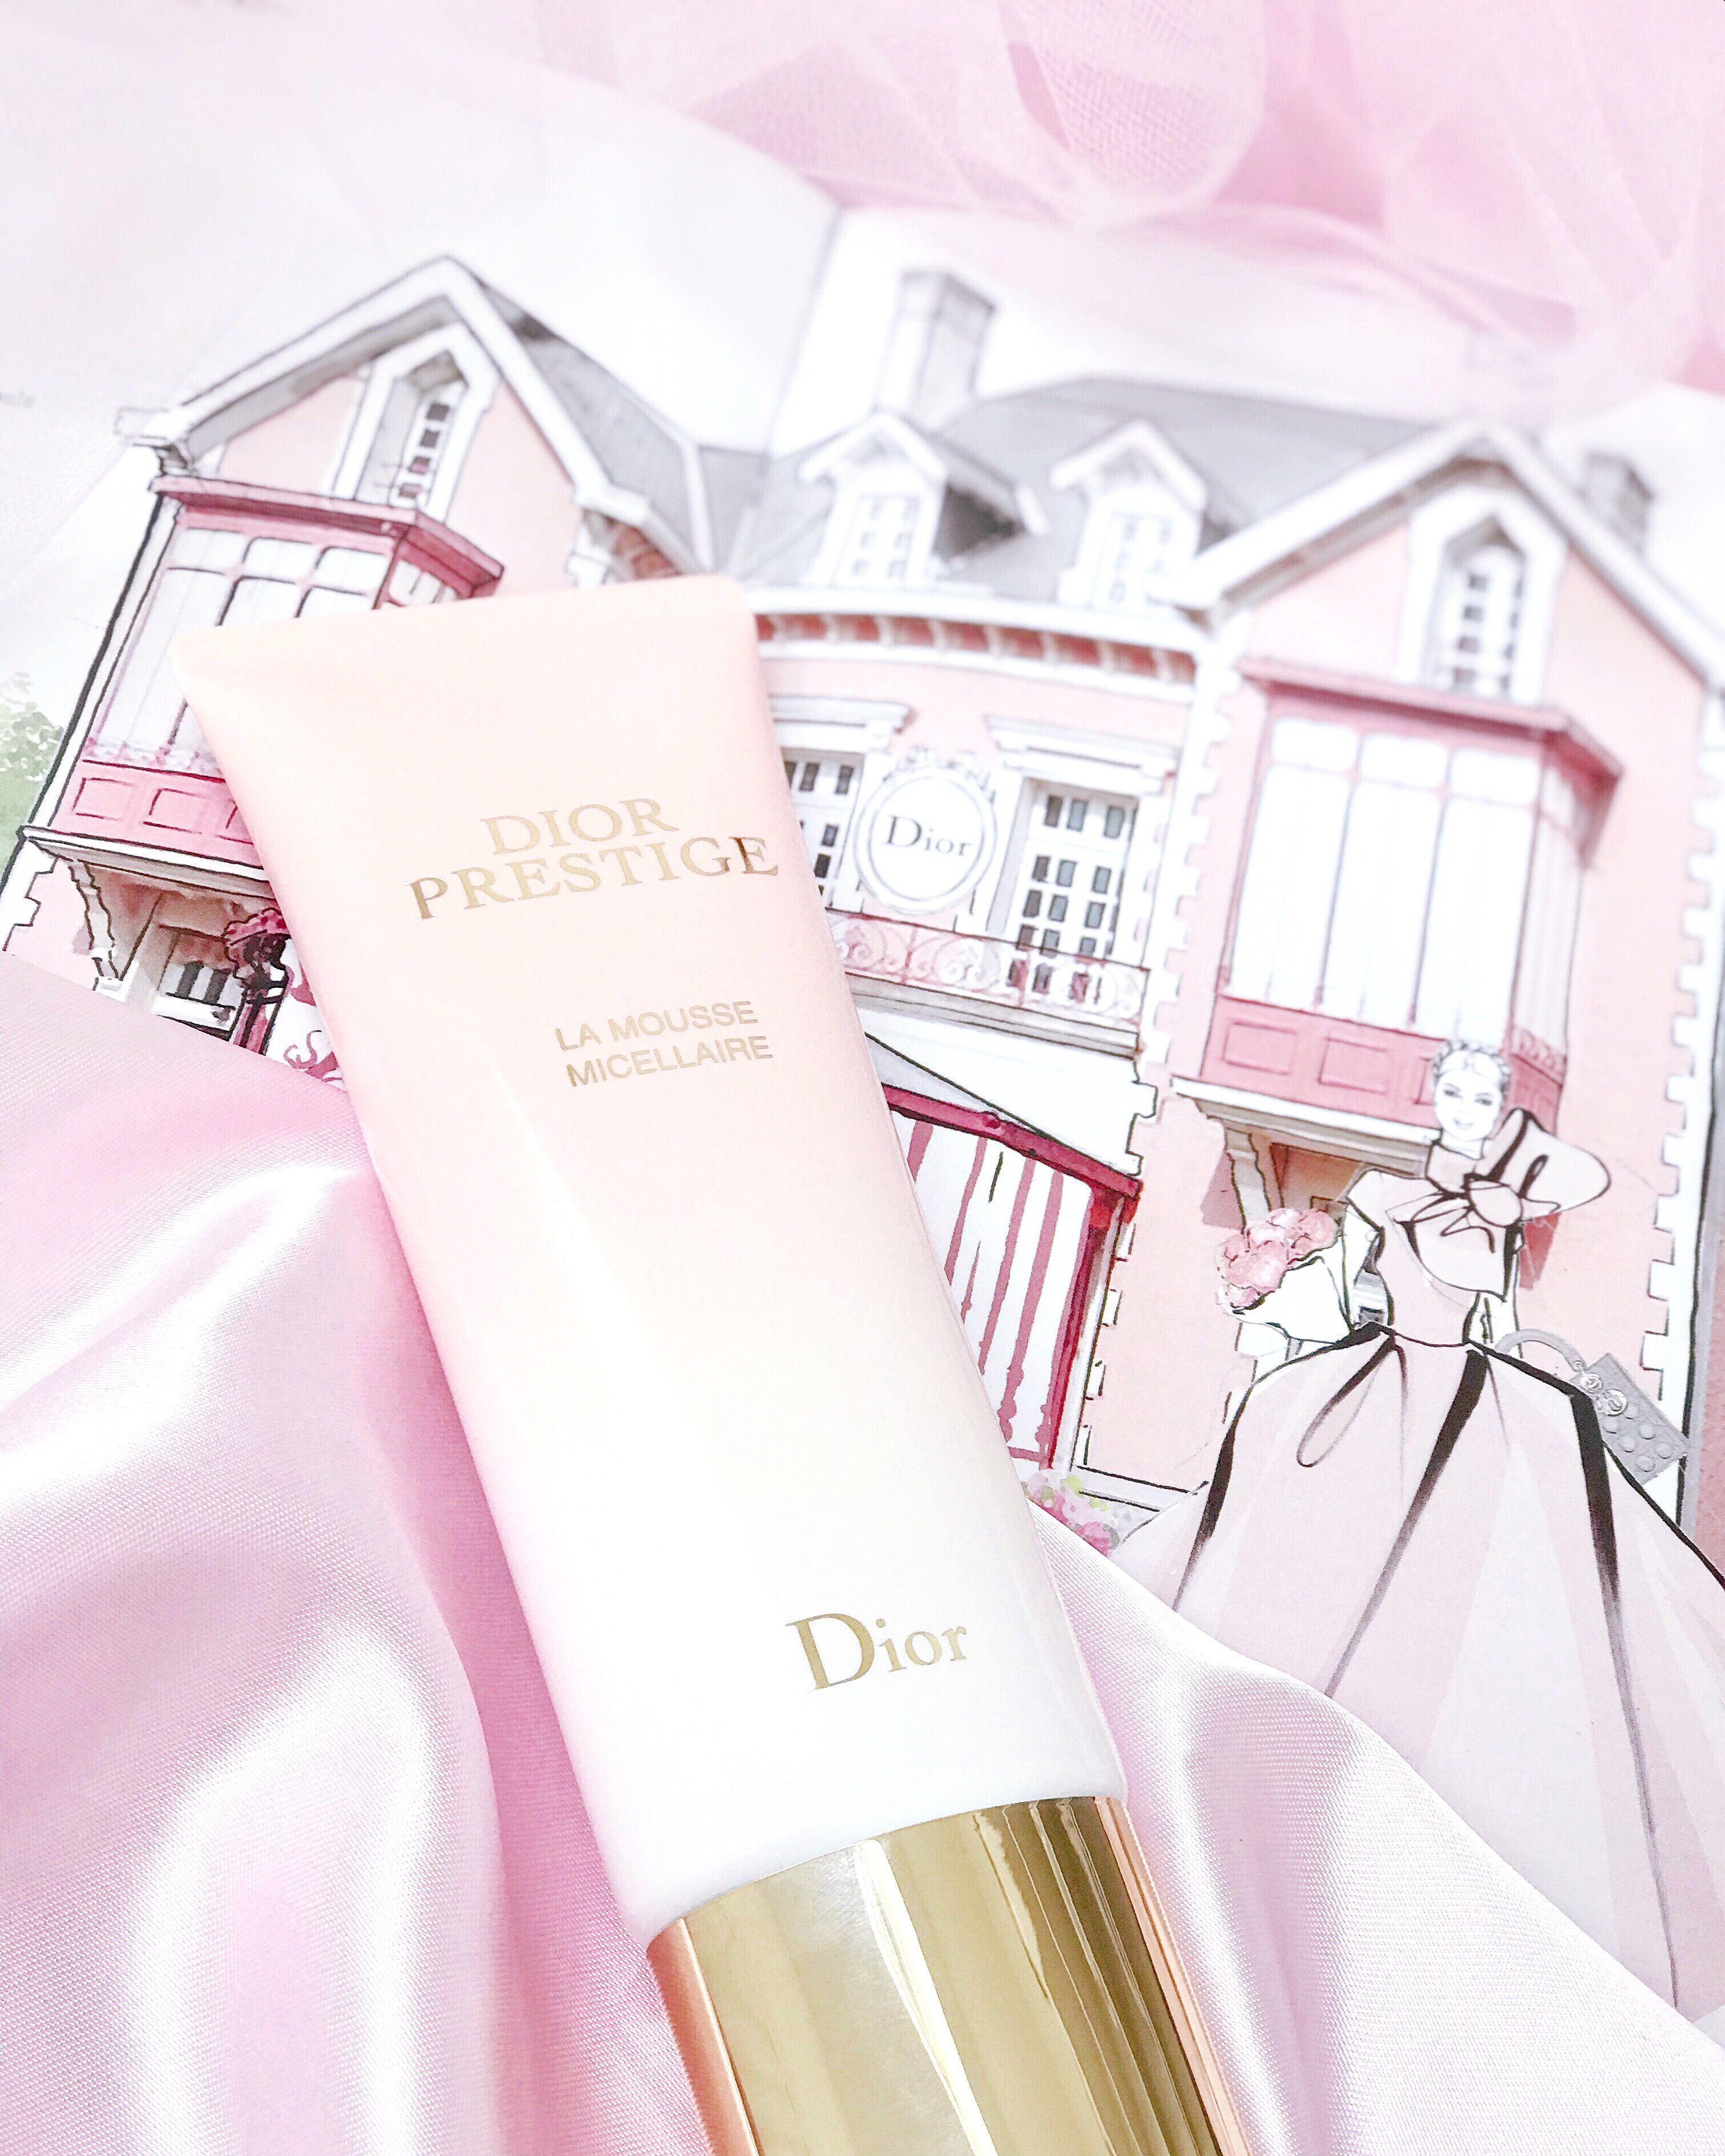 Oh So Heavenly Rose Petal Skin New Dior Prestige La Mousse Micellaire Dior Cosmetics Dior Skincare Rose Skincare